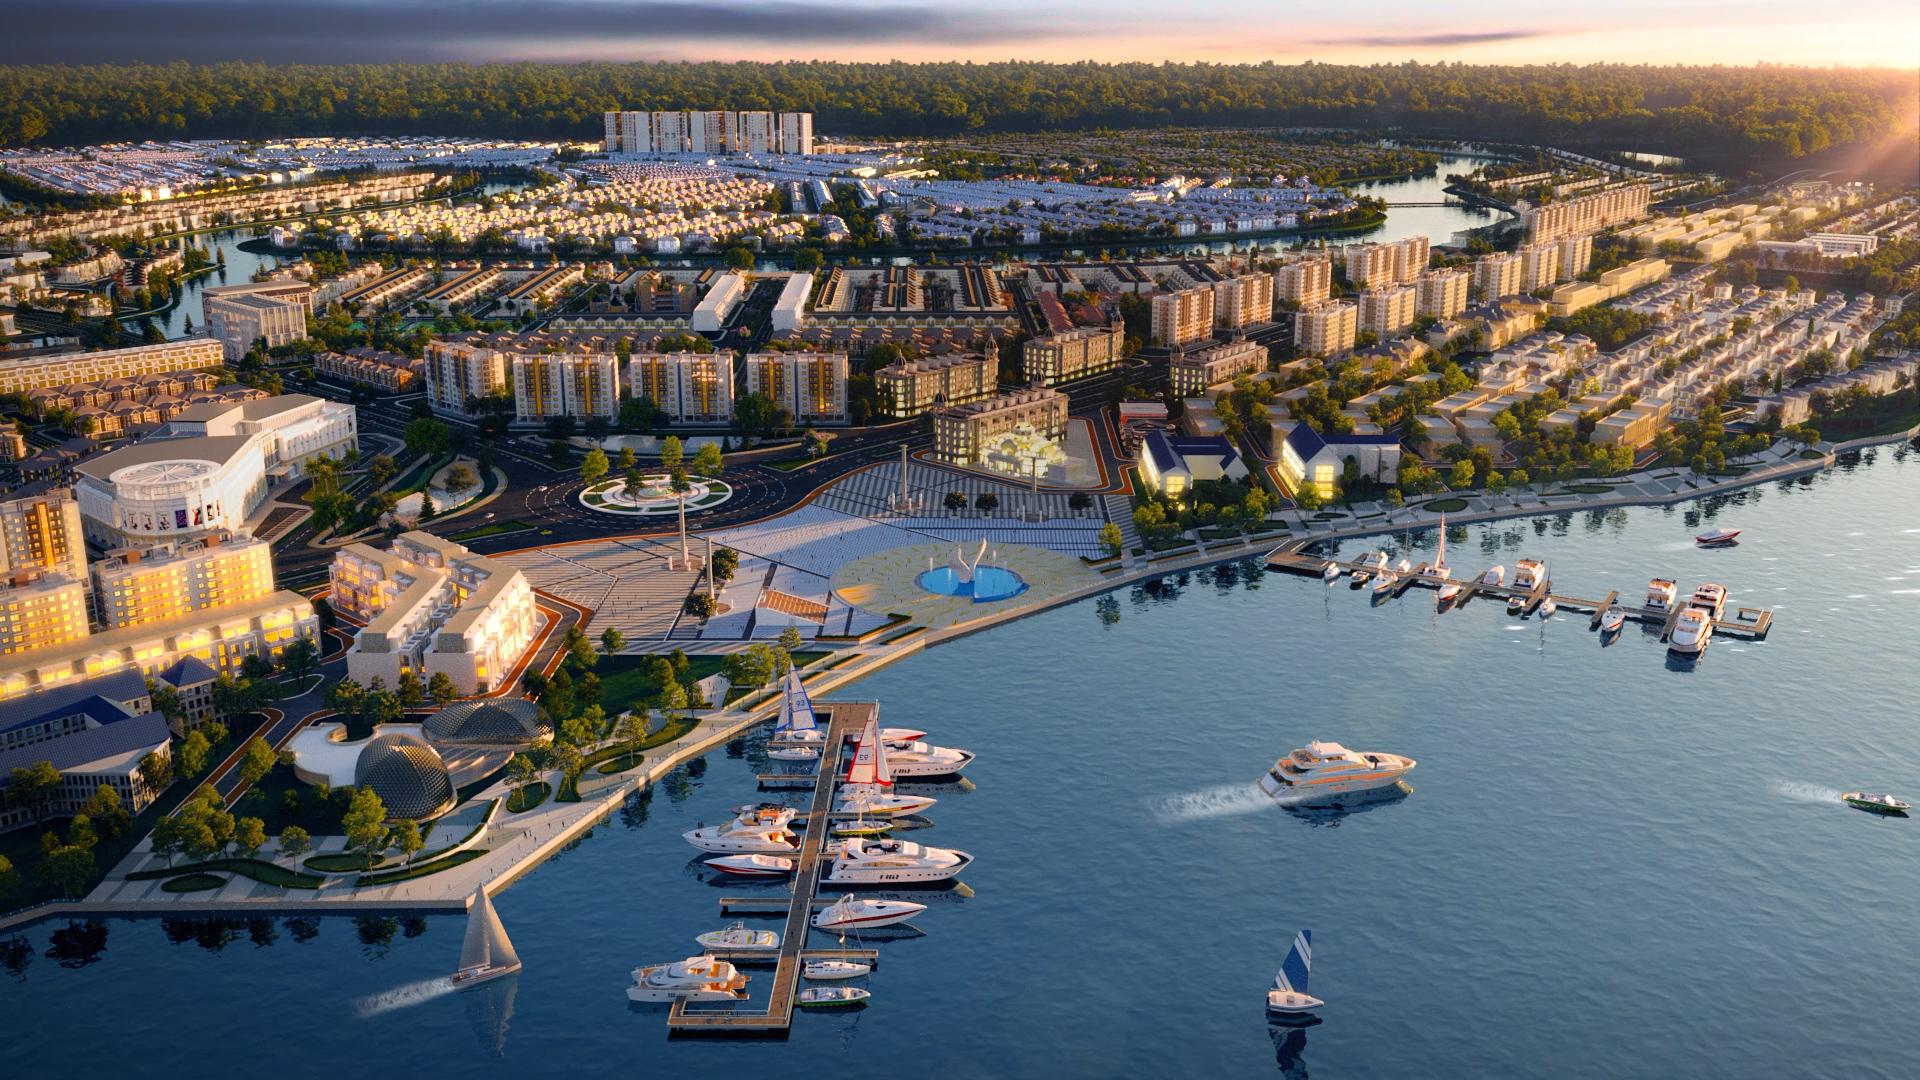 Tổ hợp quảng trường - bến du thuyền Aqua Marina tại Aqua City được xem là tiện ích thượng lưu hàng đầu khu vực. Ảnh phối cảnh: Novaland.